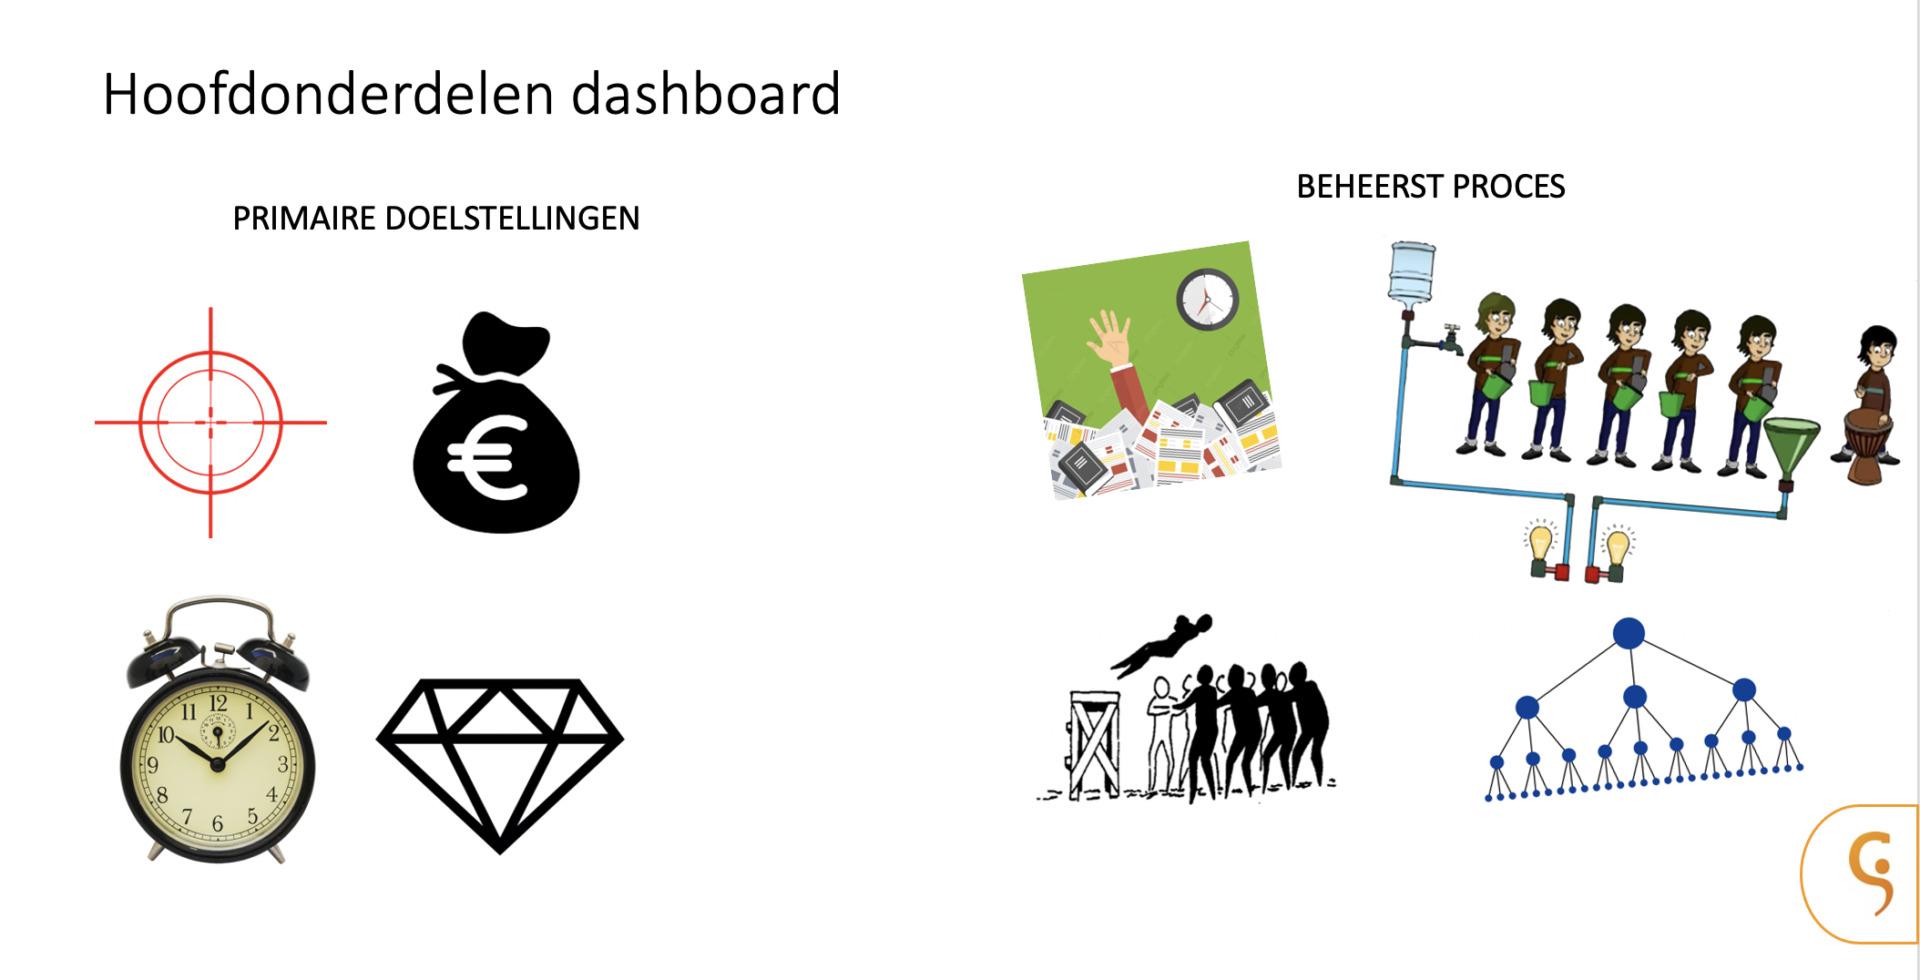 Masterclass - Effectief sturen in projecten met dashboards - Hoofdonderdelen dashboards - Cratos Consulting.nl